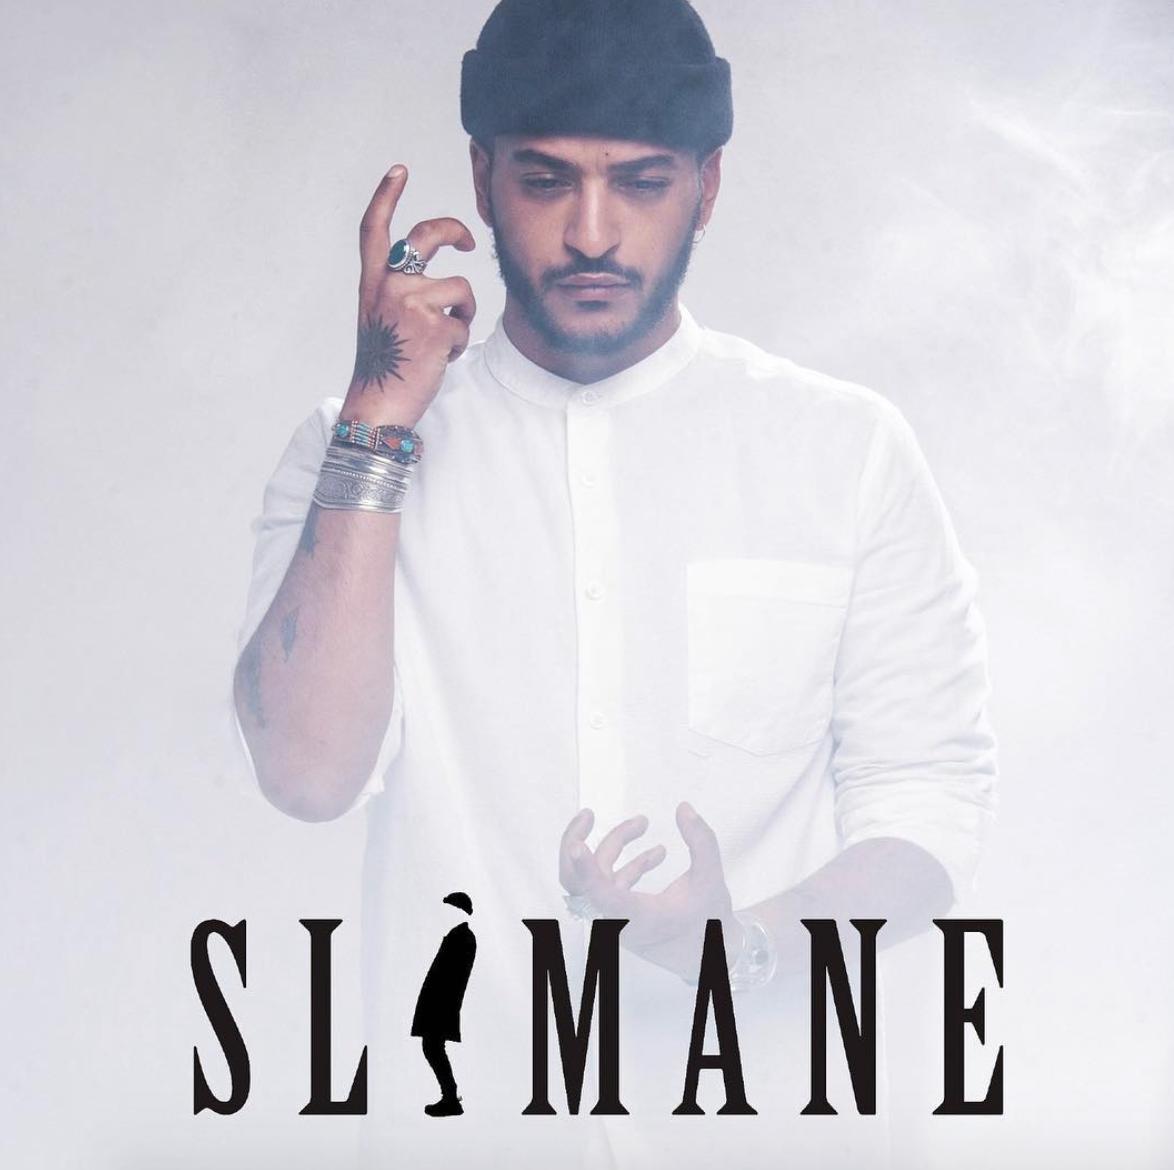 Gagnant de The Voice cette saison, Slimane débarque avec un premier album et un e-shop.